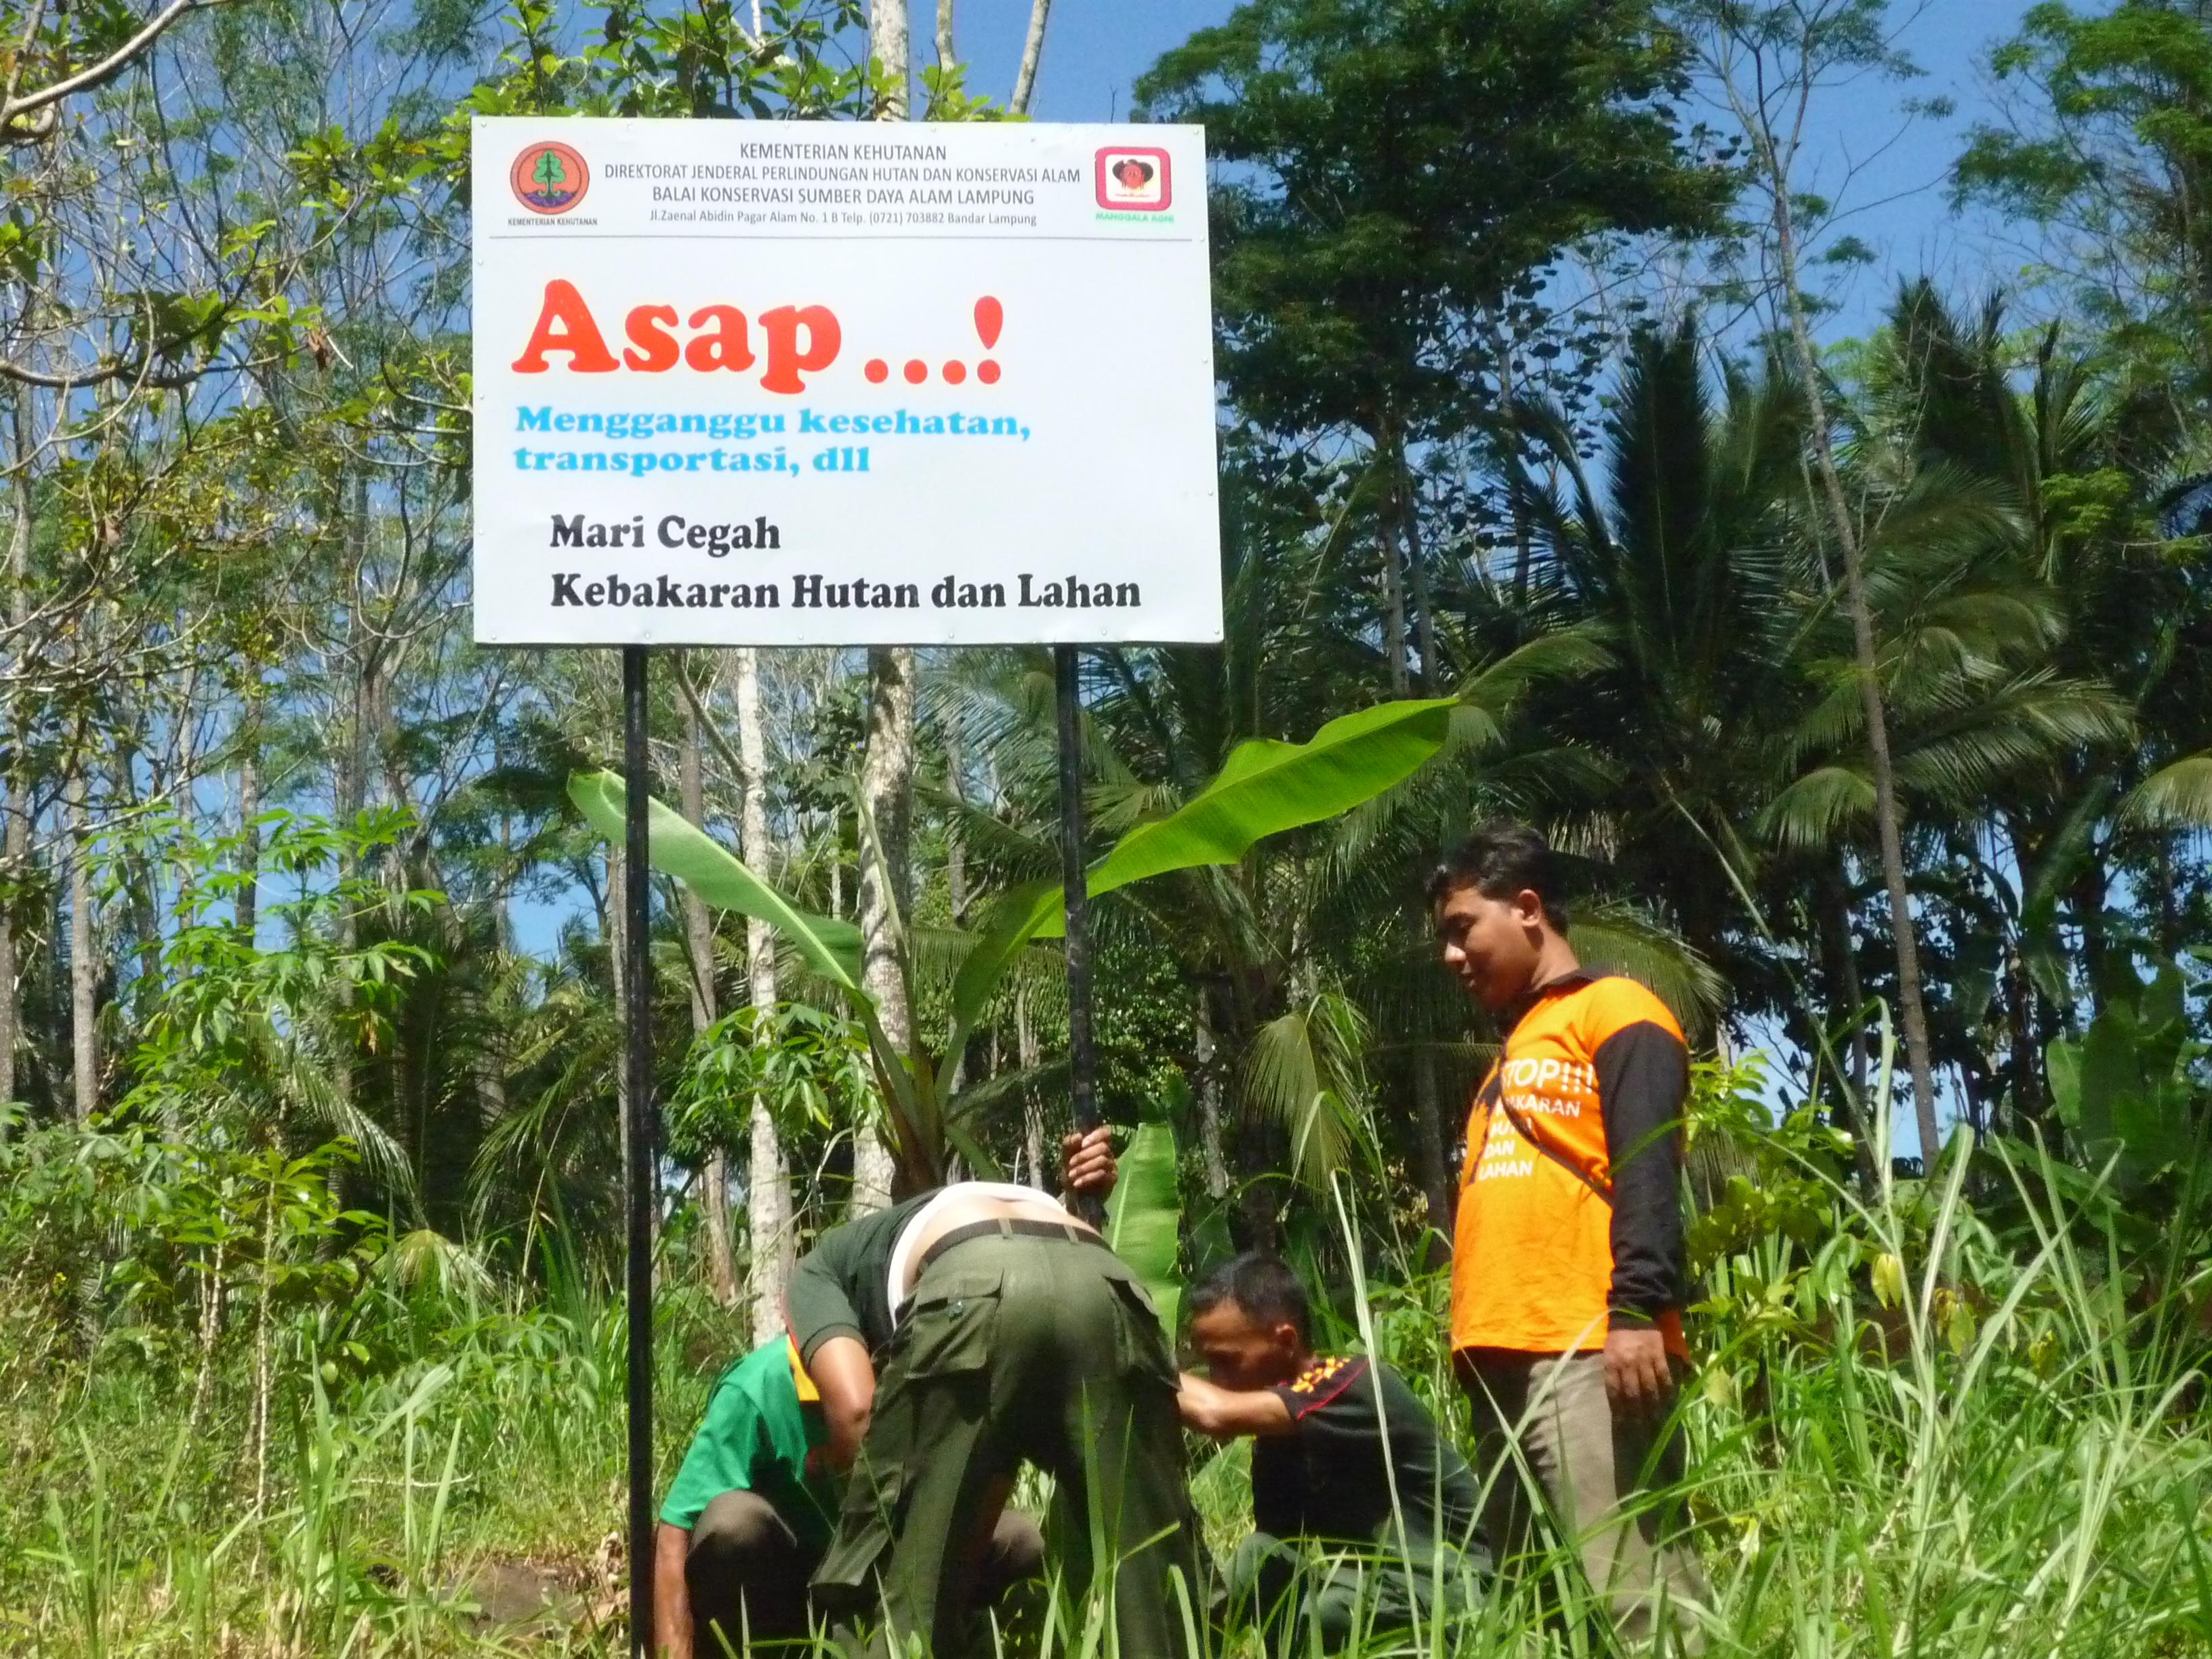 Pencegahan Kebakaran Hutan Dengan Papan Larangan Himbauan RAKATA